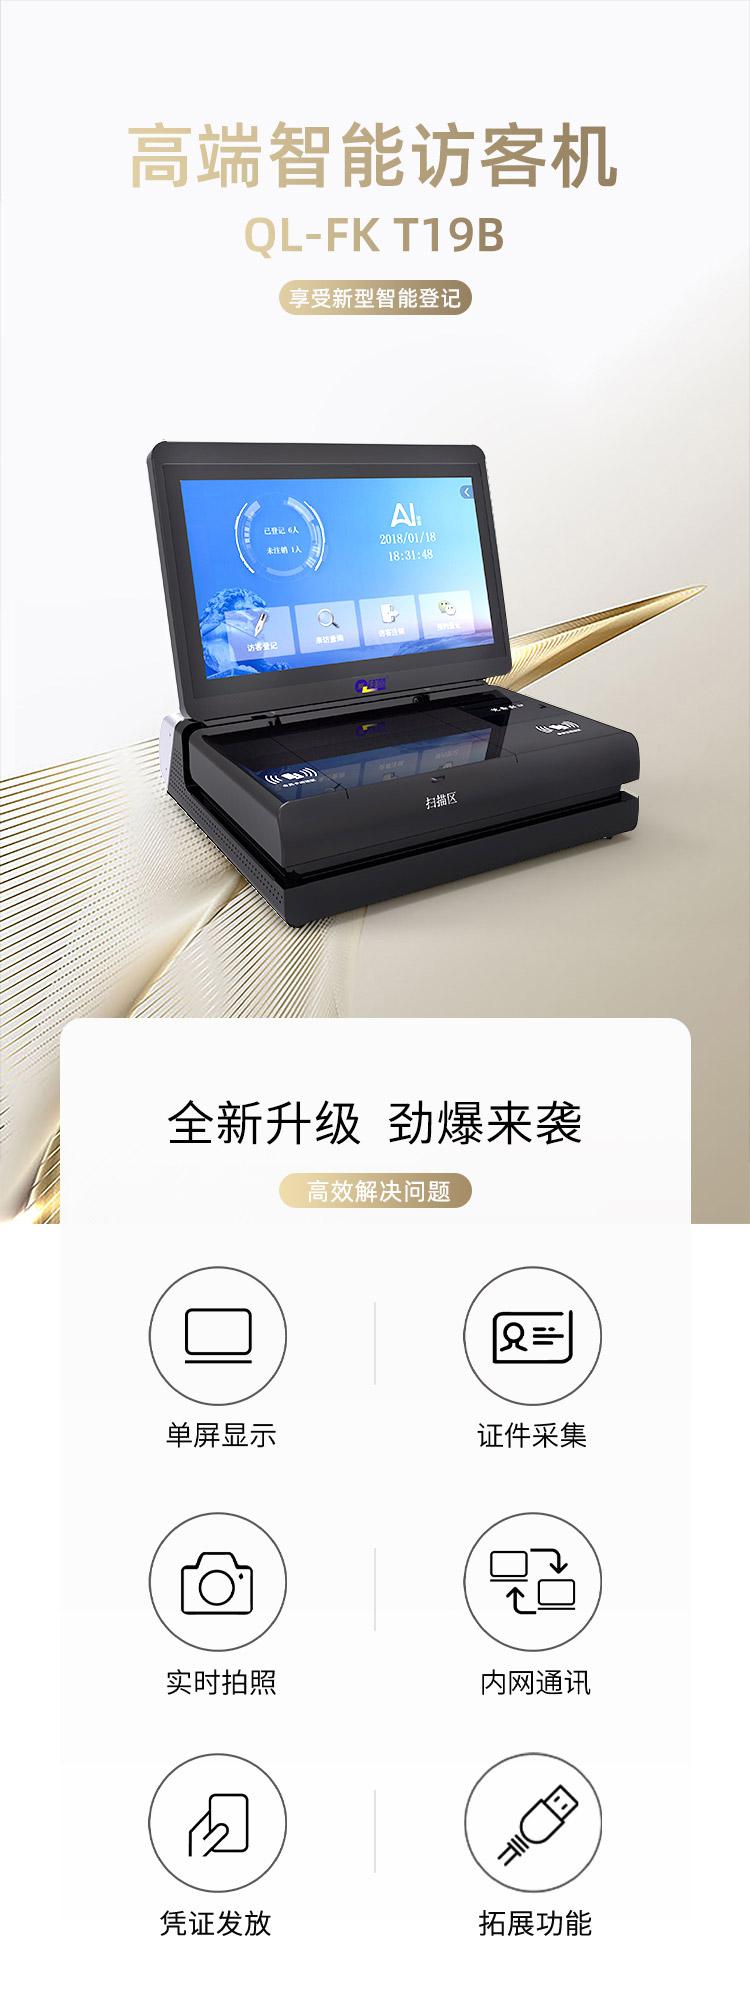 高端智能访客机 QL-FK T19B享受新型智能登记,全新升级,劲爆来袭